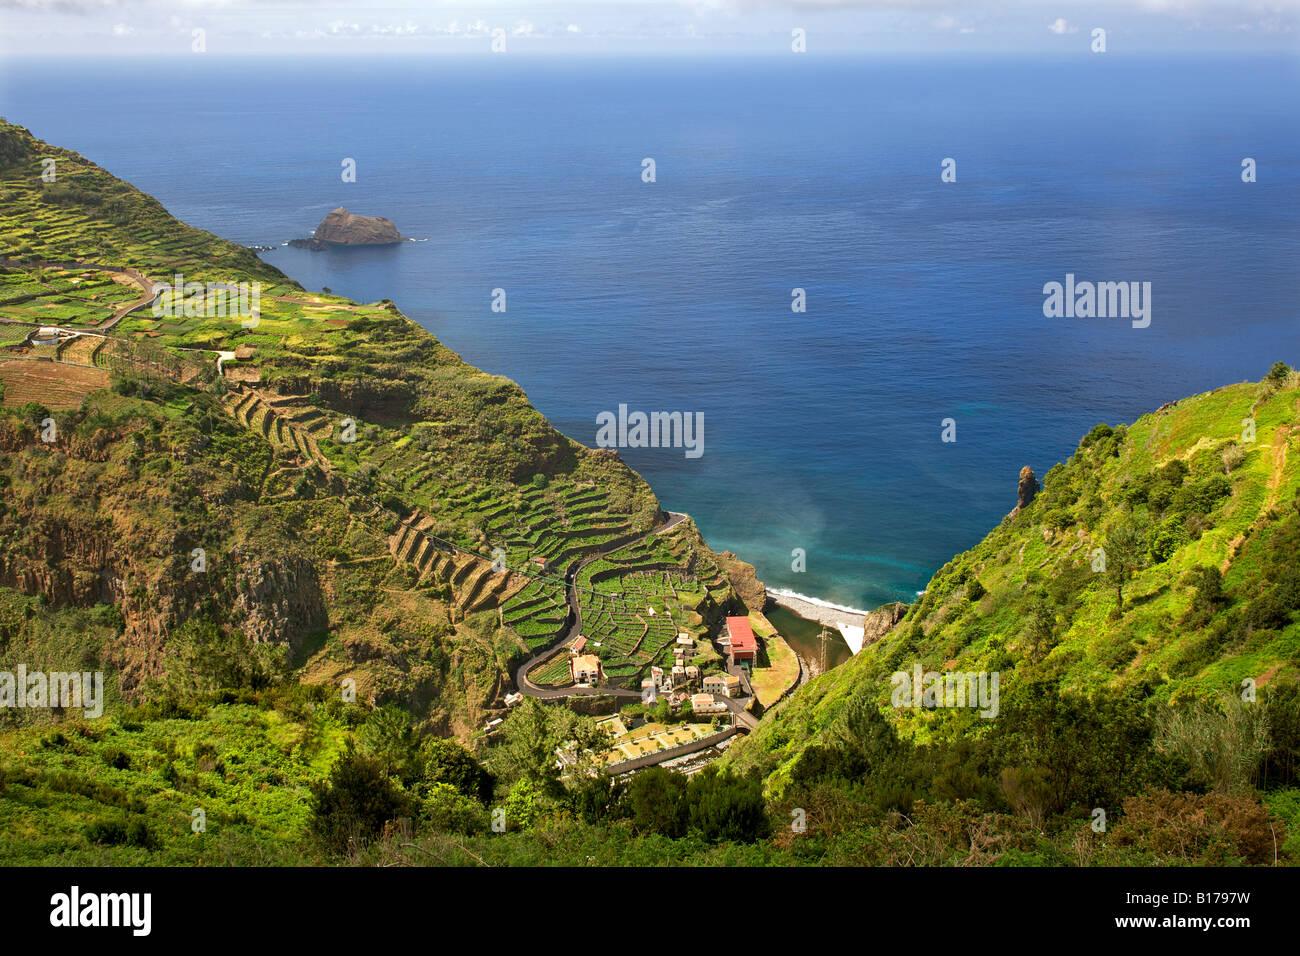 Paysage côtier à Ribeira da Janela sur l'Atlantique Portugais île de Madère. Photo Stock